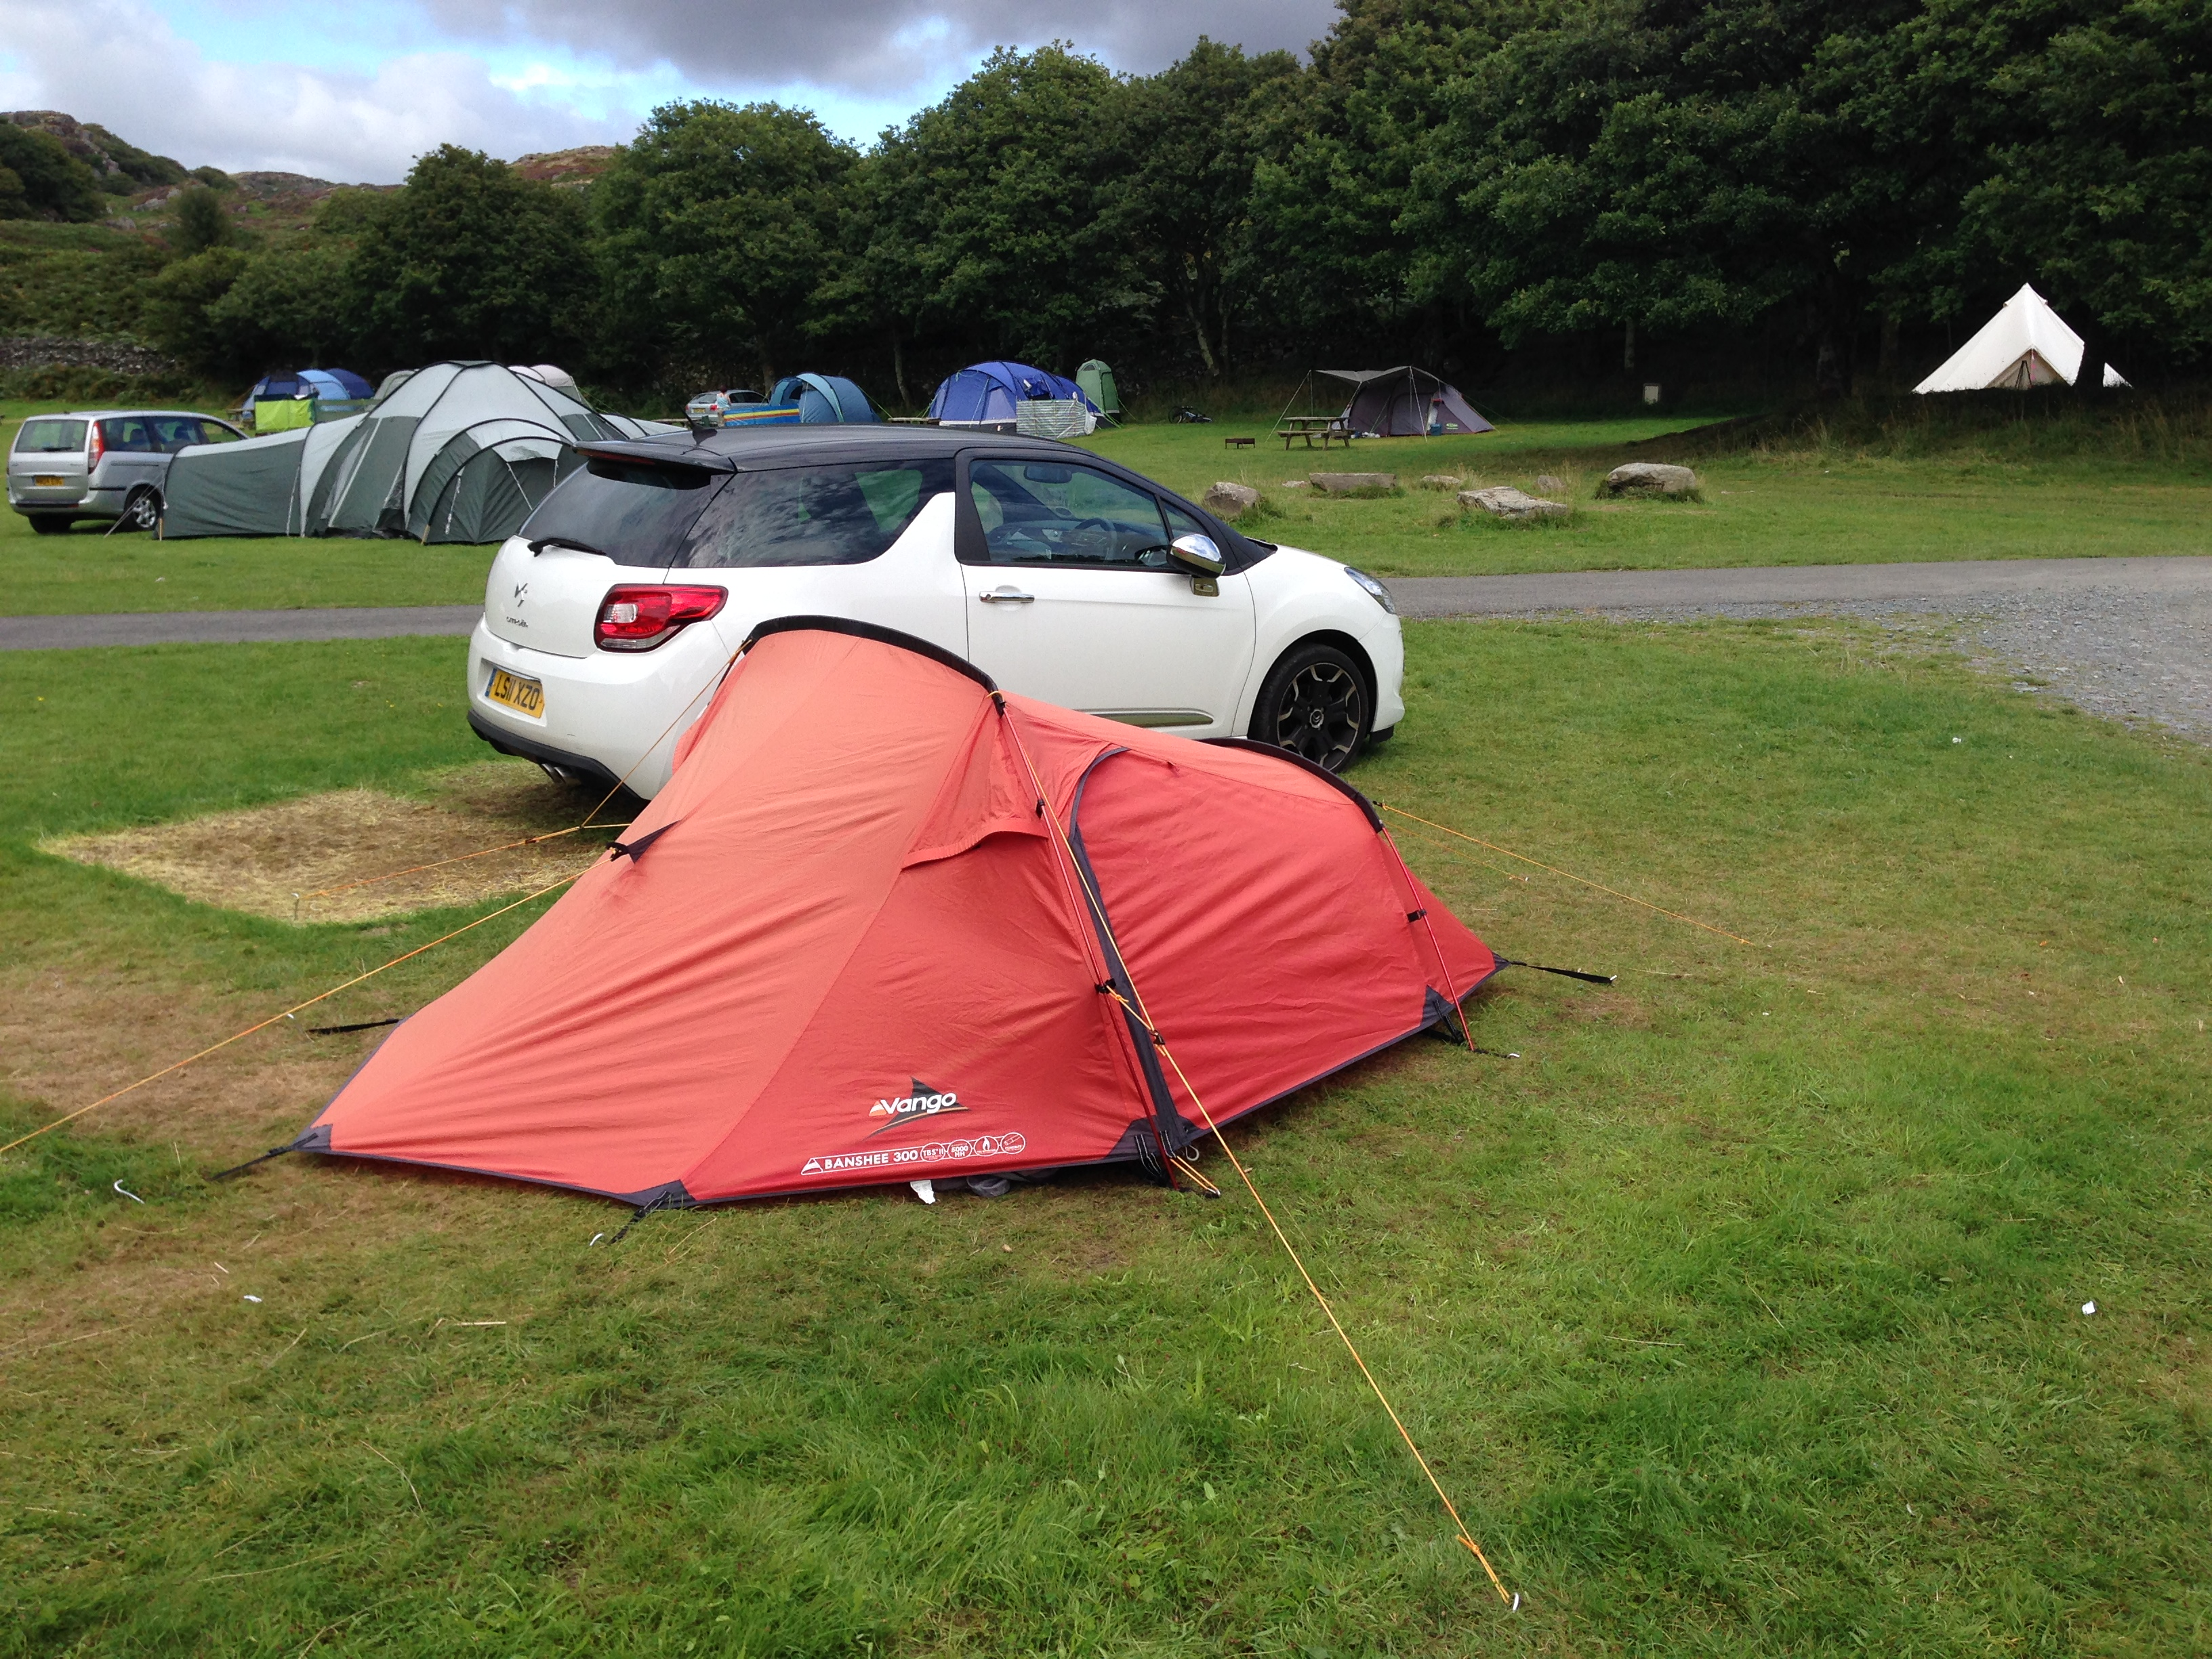 Dinas Camping - náš stan a auto